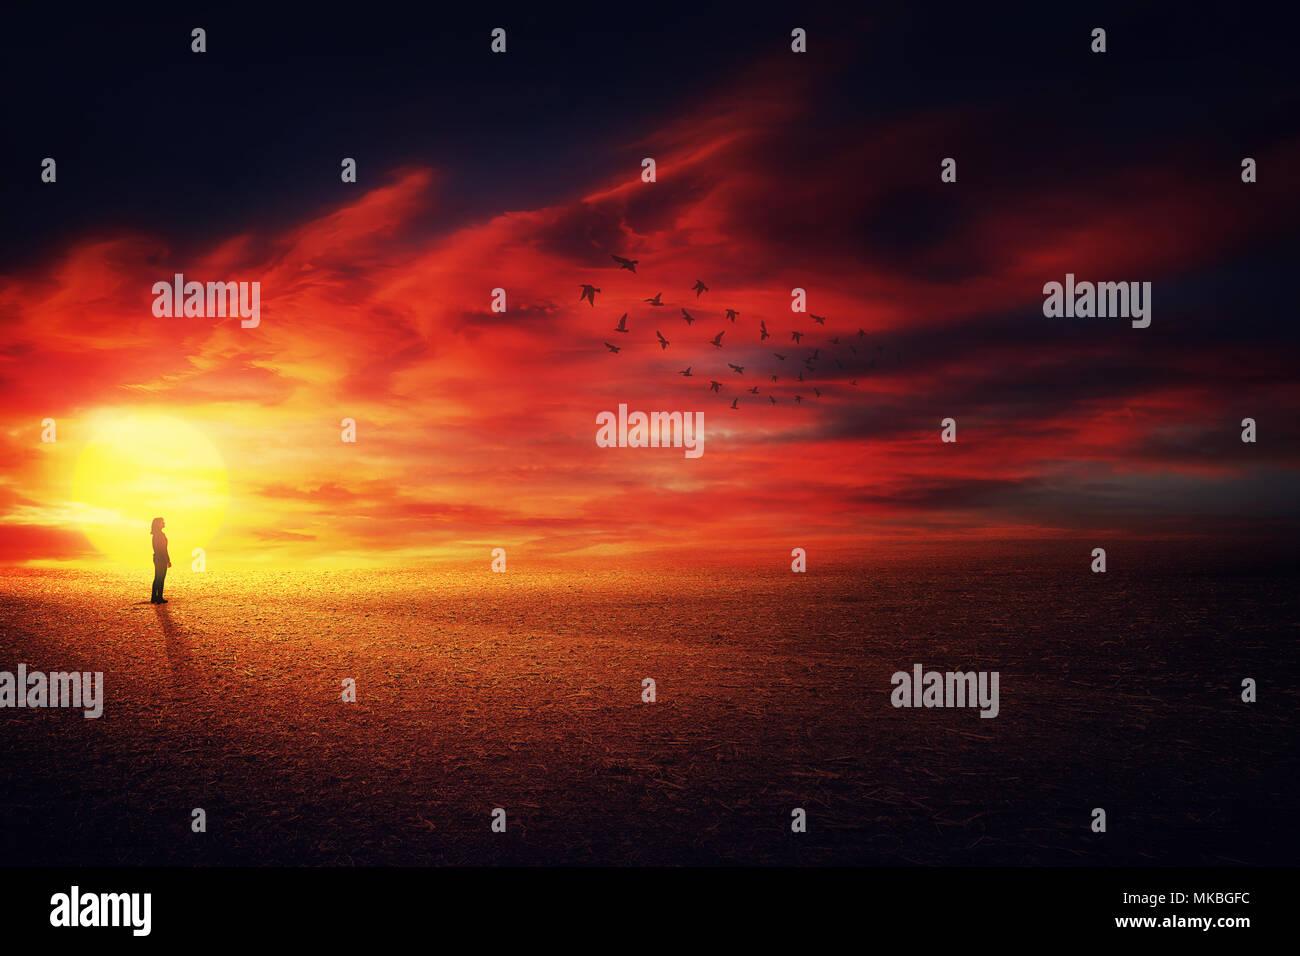 Paysage surréaliste vue comme une fille silhouette sur le beau coucher du soleil à regarder en arrière-plan un troupeau d'oiseaux volant dans le ciel. La vie de concept. Photo Stock